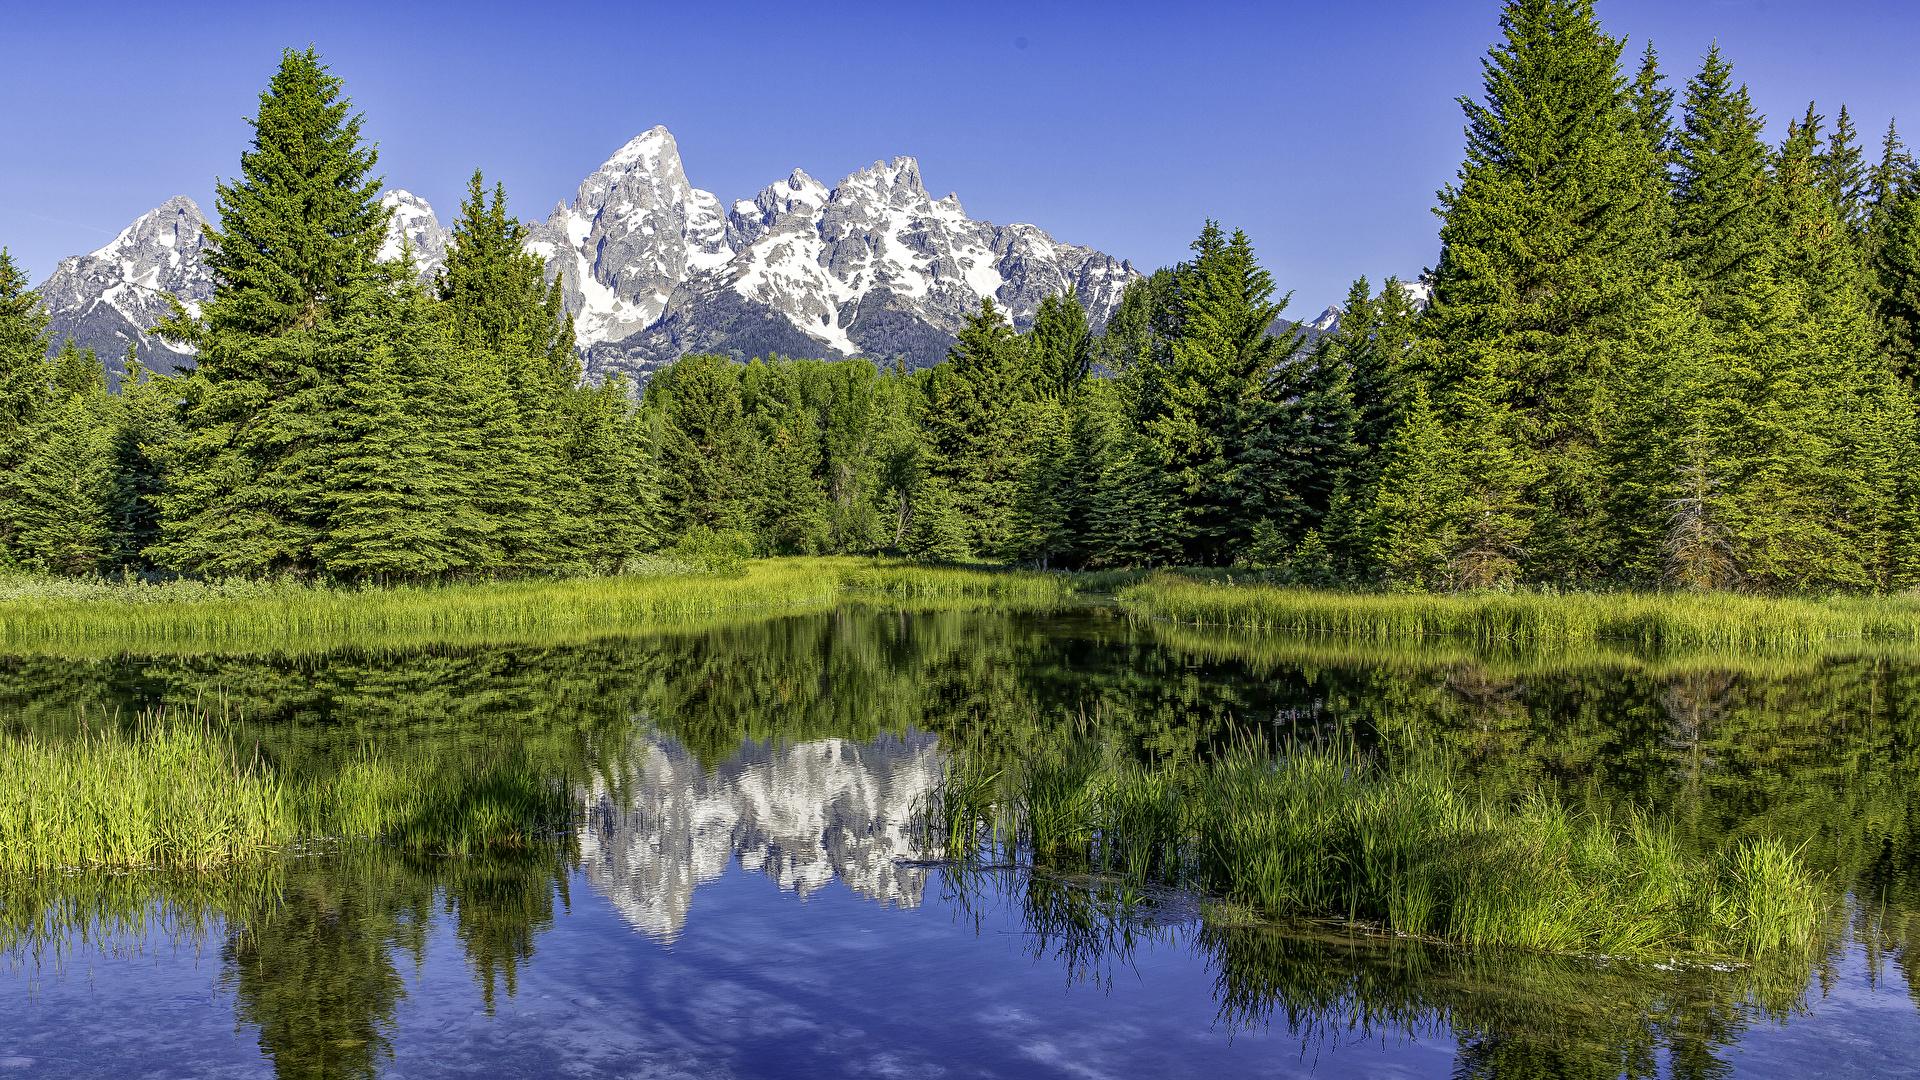 Фото штаты Grand Teton National Park Ель Горы Природа лес парк Озеро 1920x1080 США америка ели гора Леса Парки